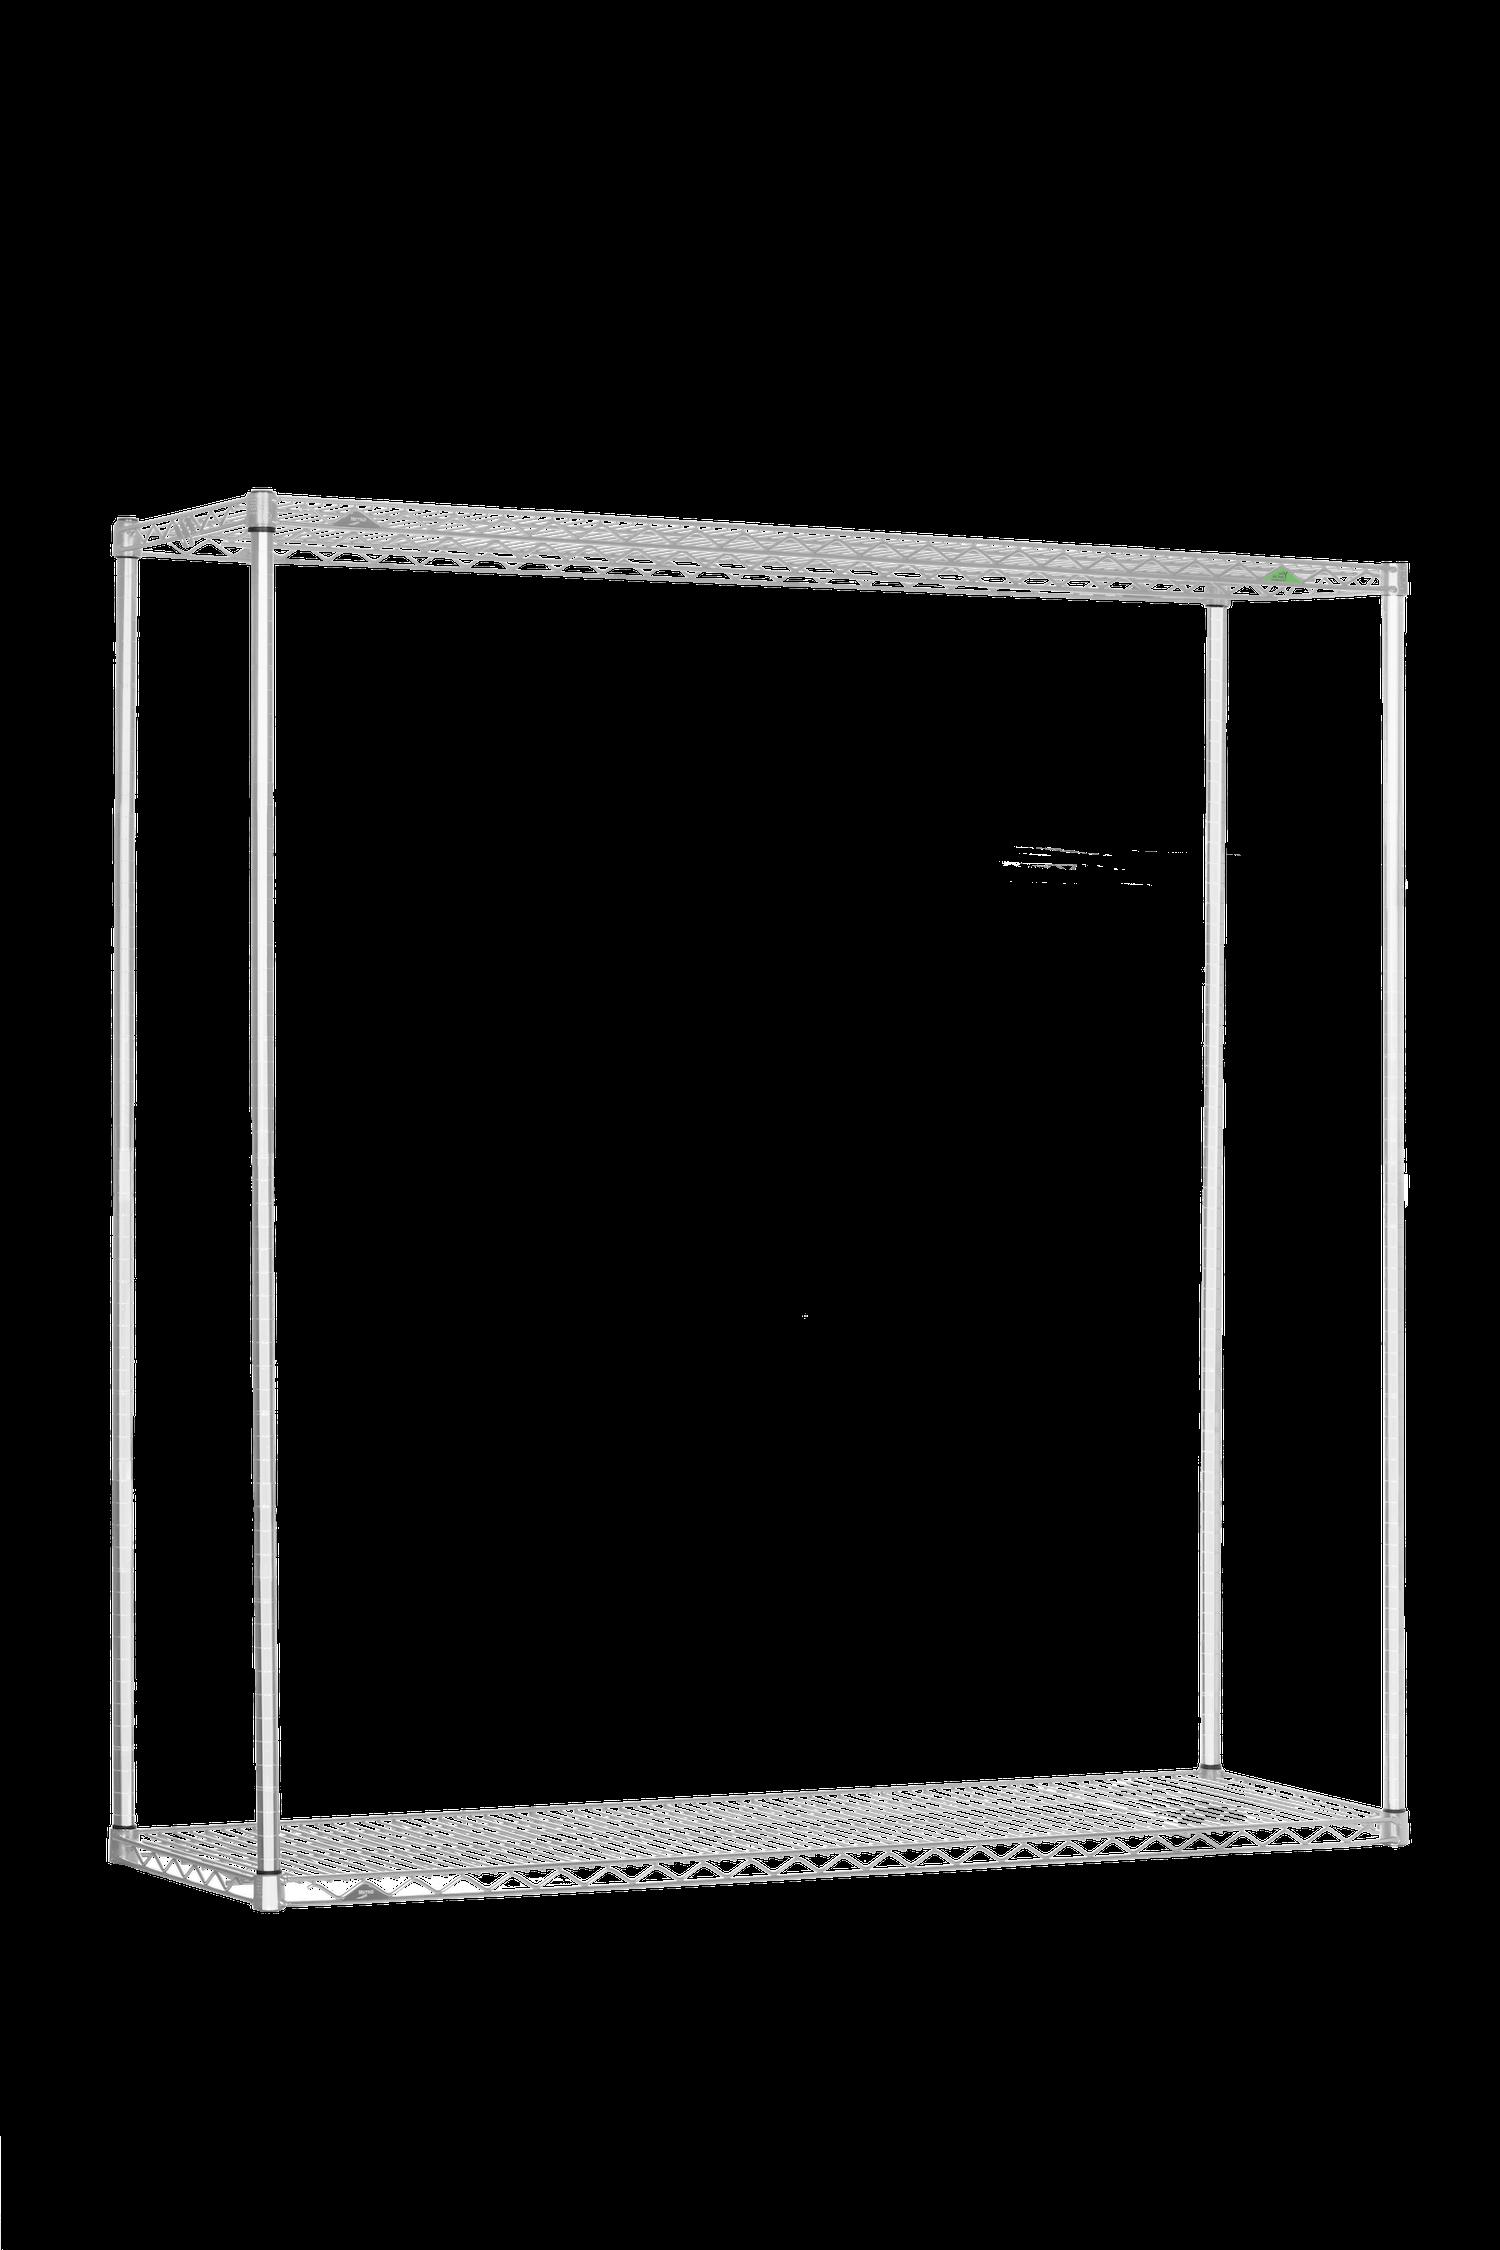 355x1524mm, 14x60 inch